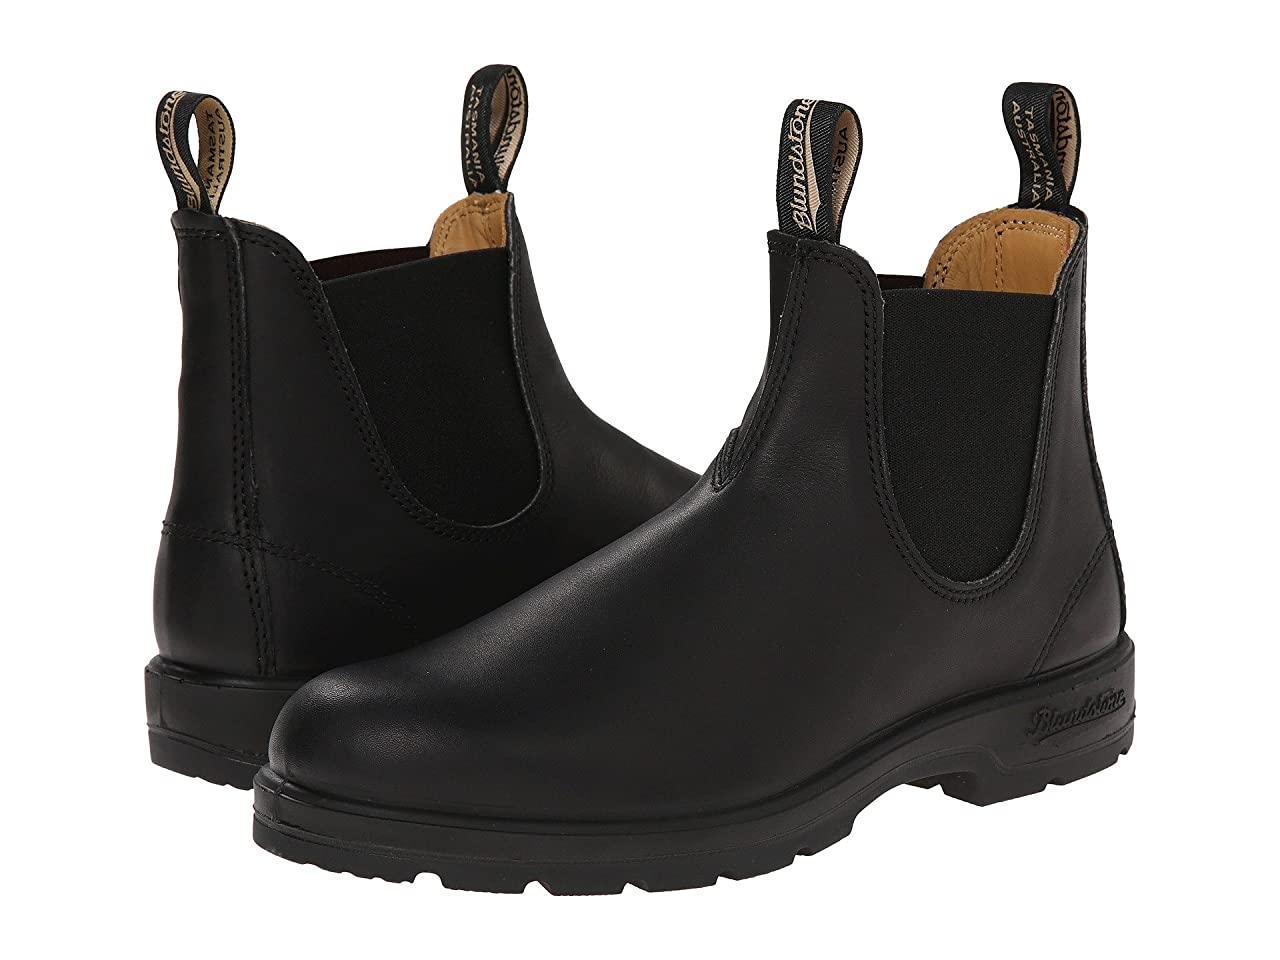 Ботинки/Сапоги (Оригинал) Blundstone BL558 Black